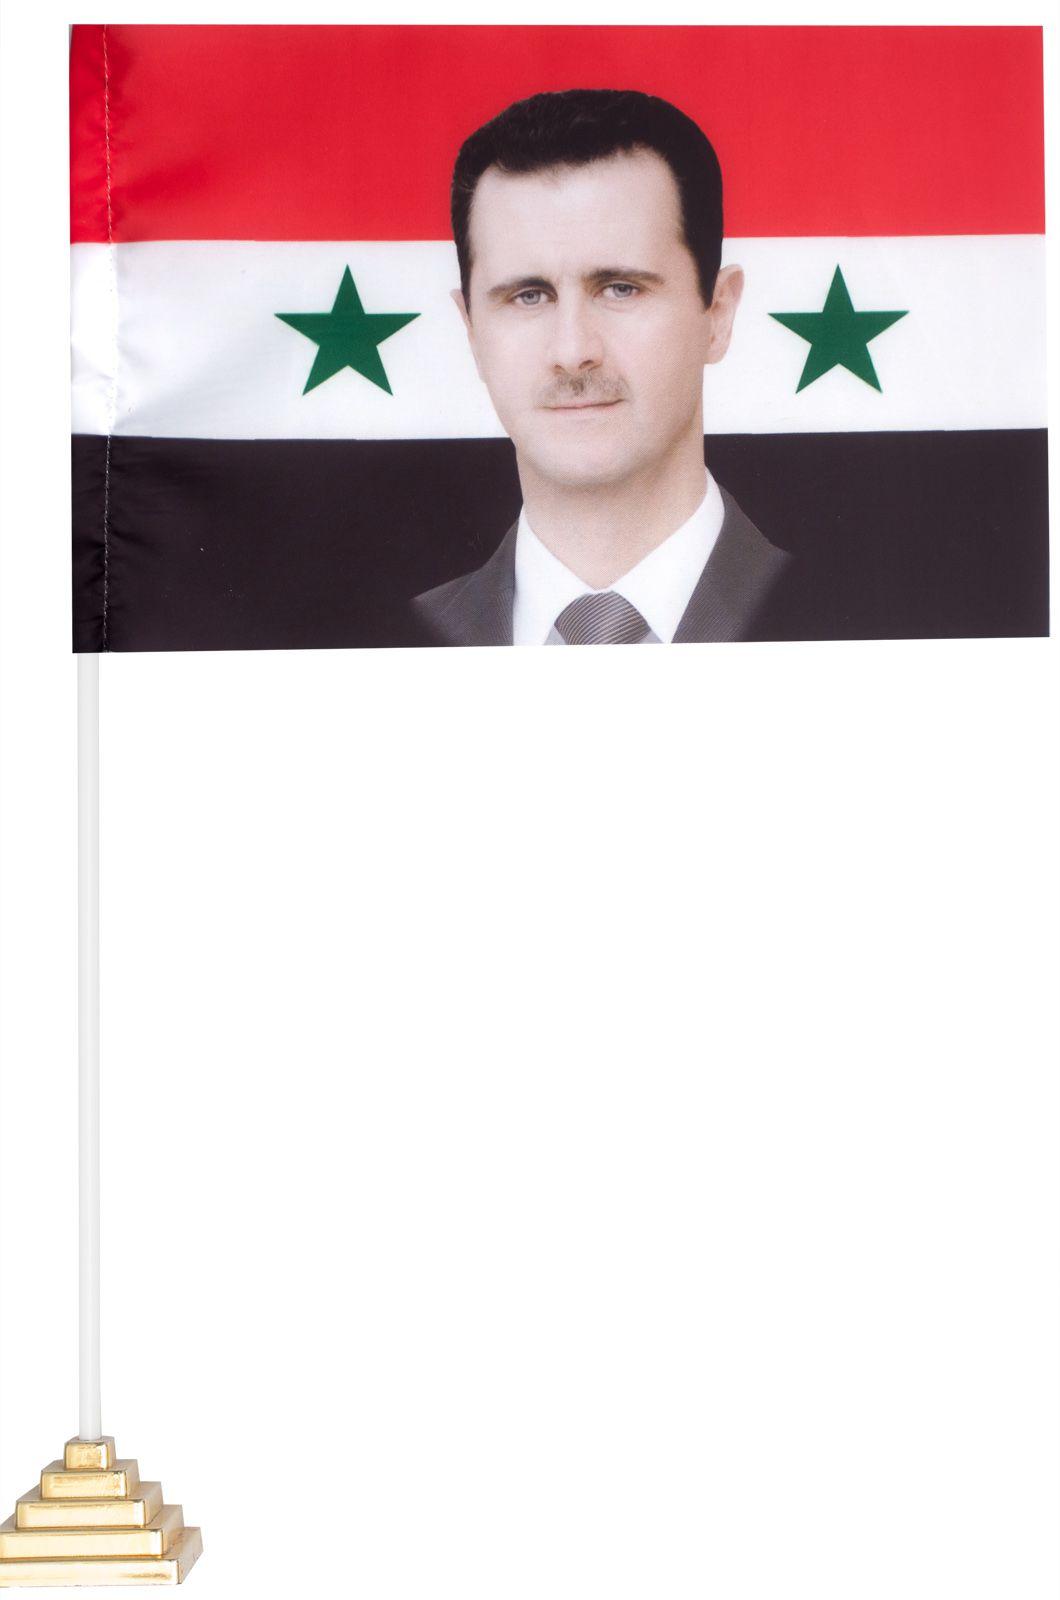 Настольный флаг Сирии с Асадом